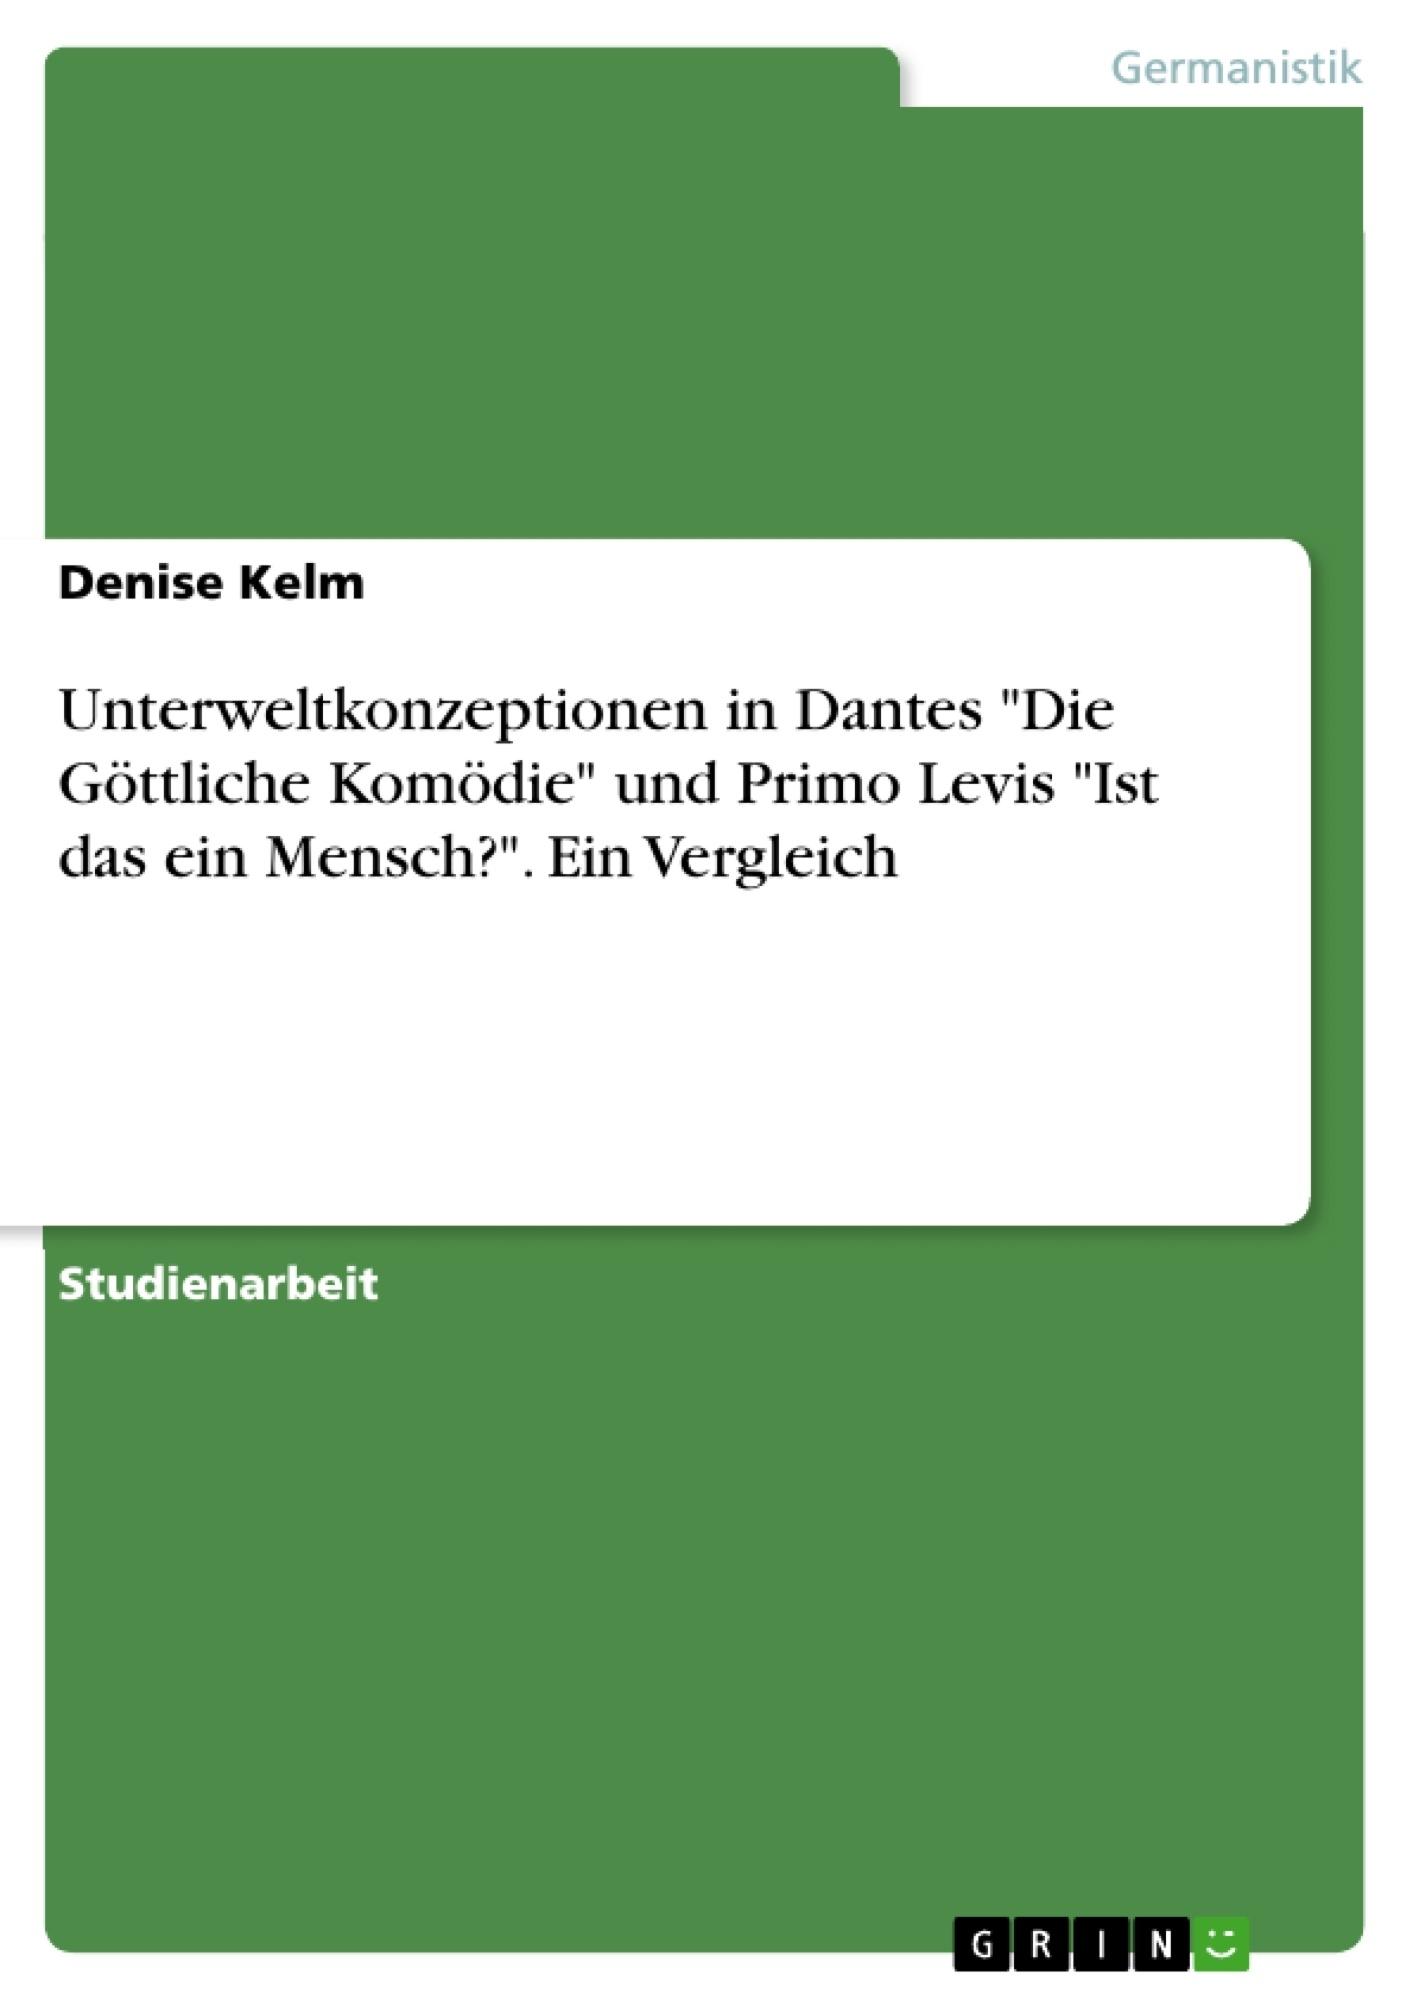 """Titel: Unterweltkonzeptionen in Dantes """"Die Göttliche Komödie"""" und Primo Levis """"Ist das ein Mensch?"""". Ein Vergleich"""